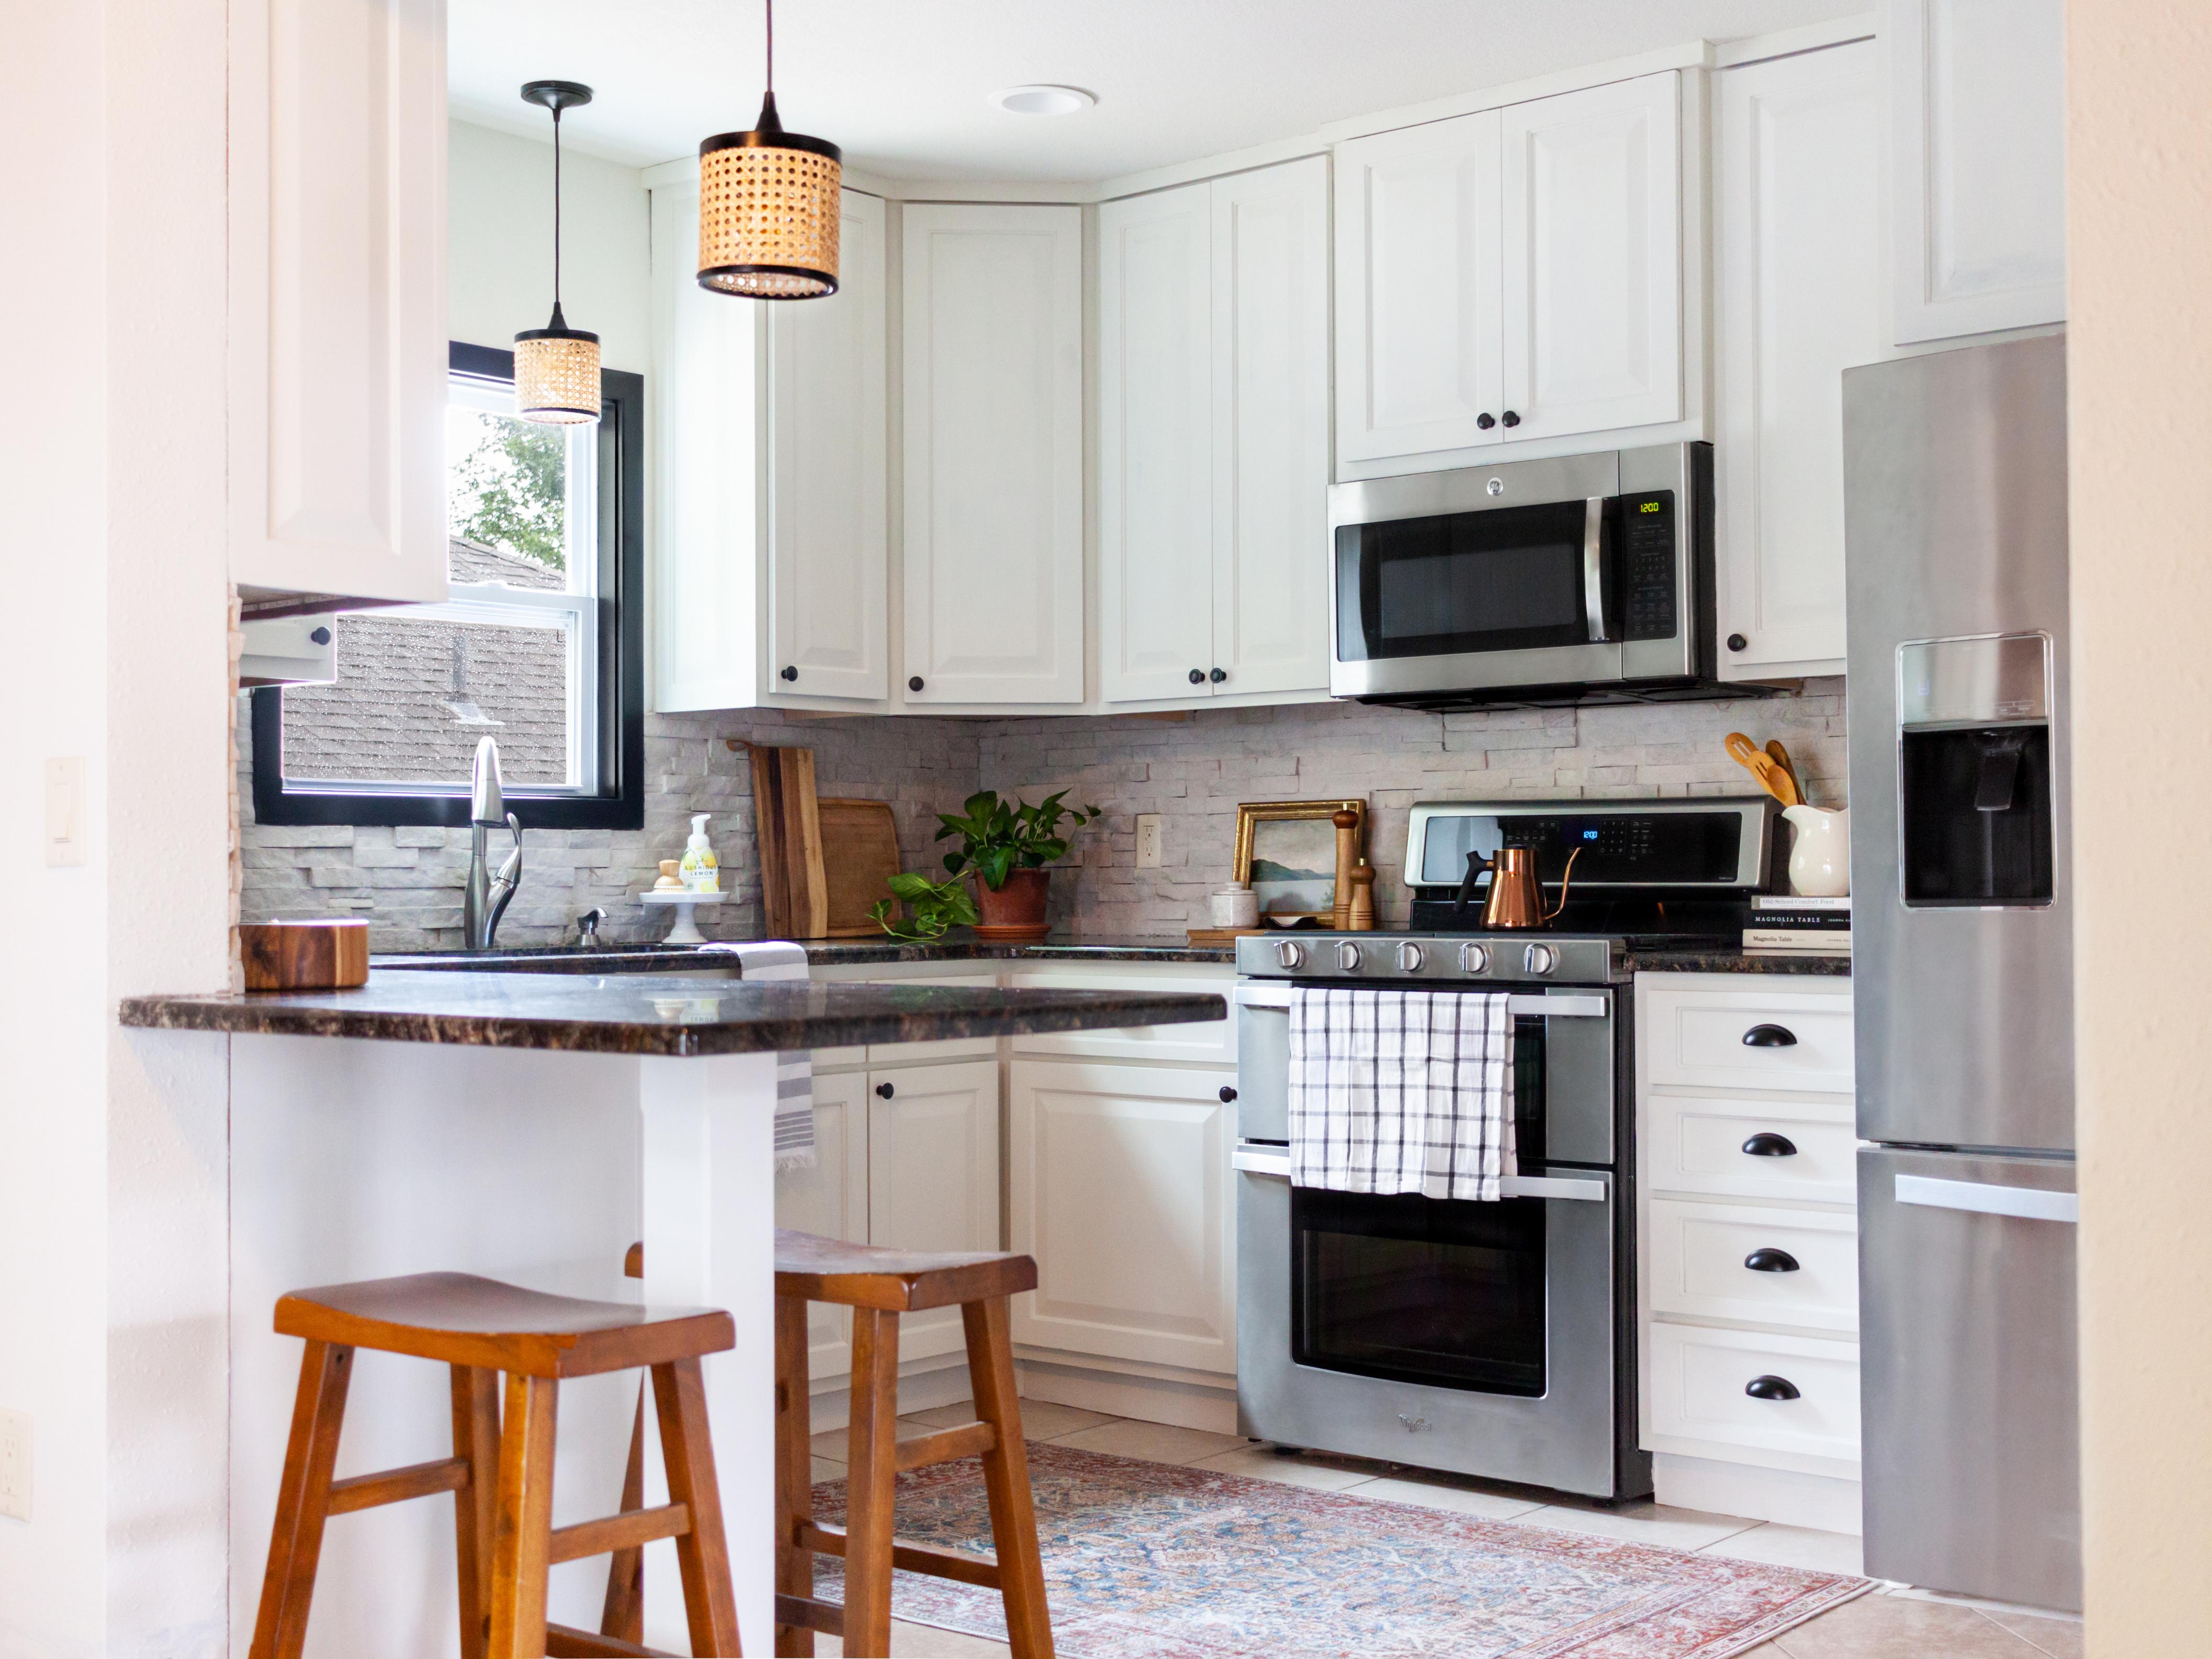 Briee Kitchen Horizontal